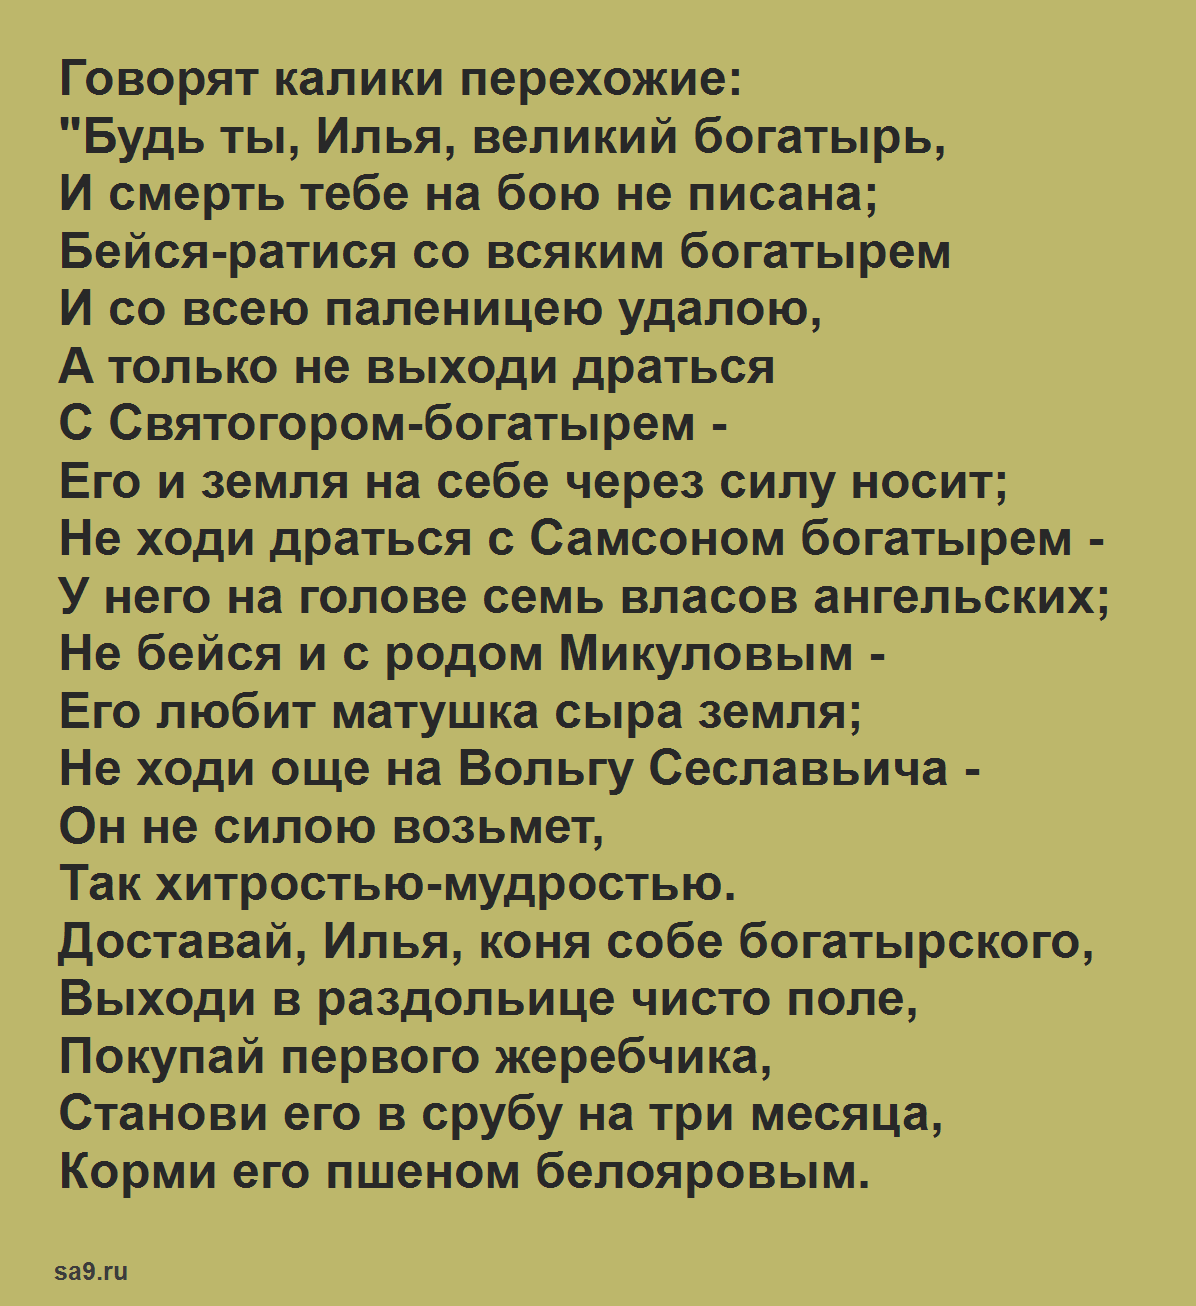 Читать былину - Исцеление Ильи Муромца, полностью бесплатно